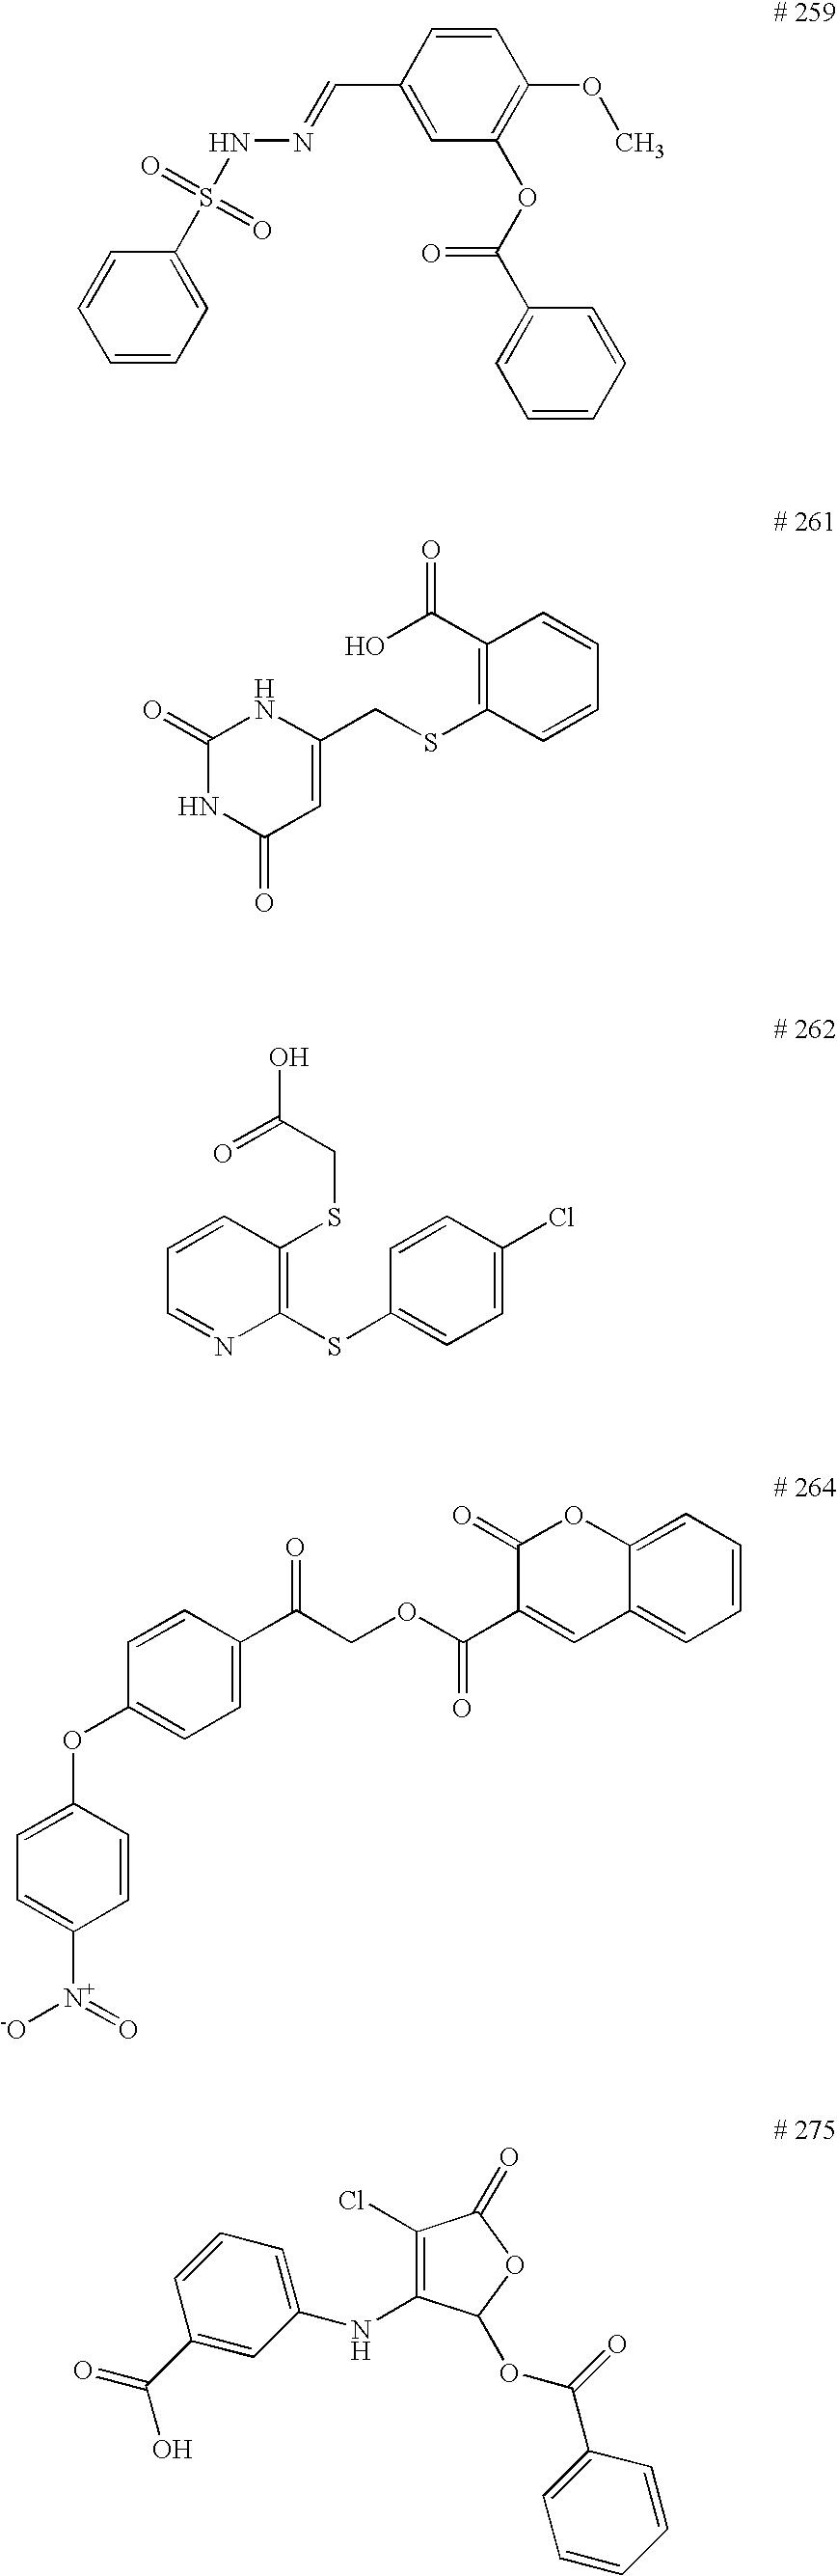 Figure US20070196395A1-20070823-C00167